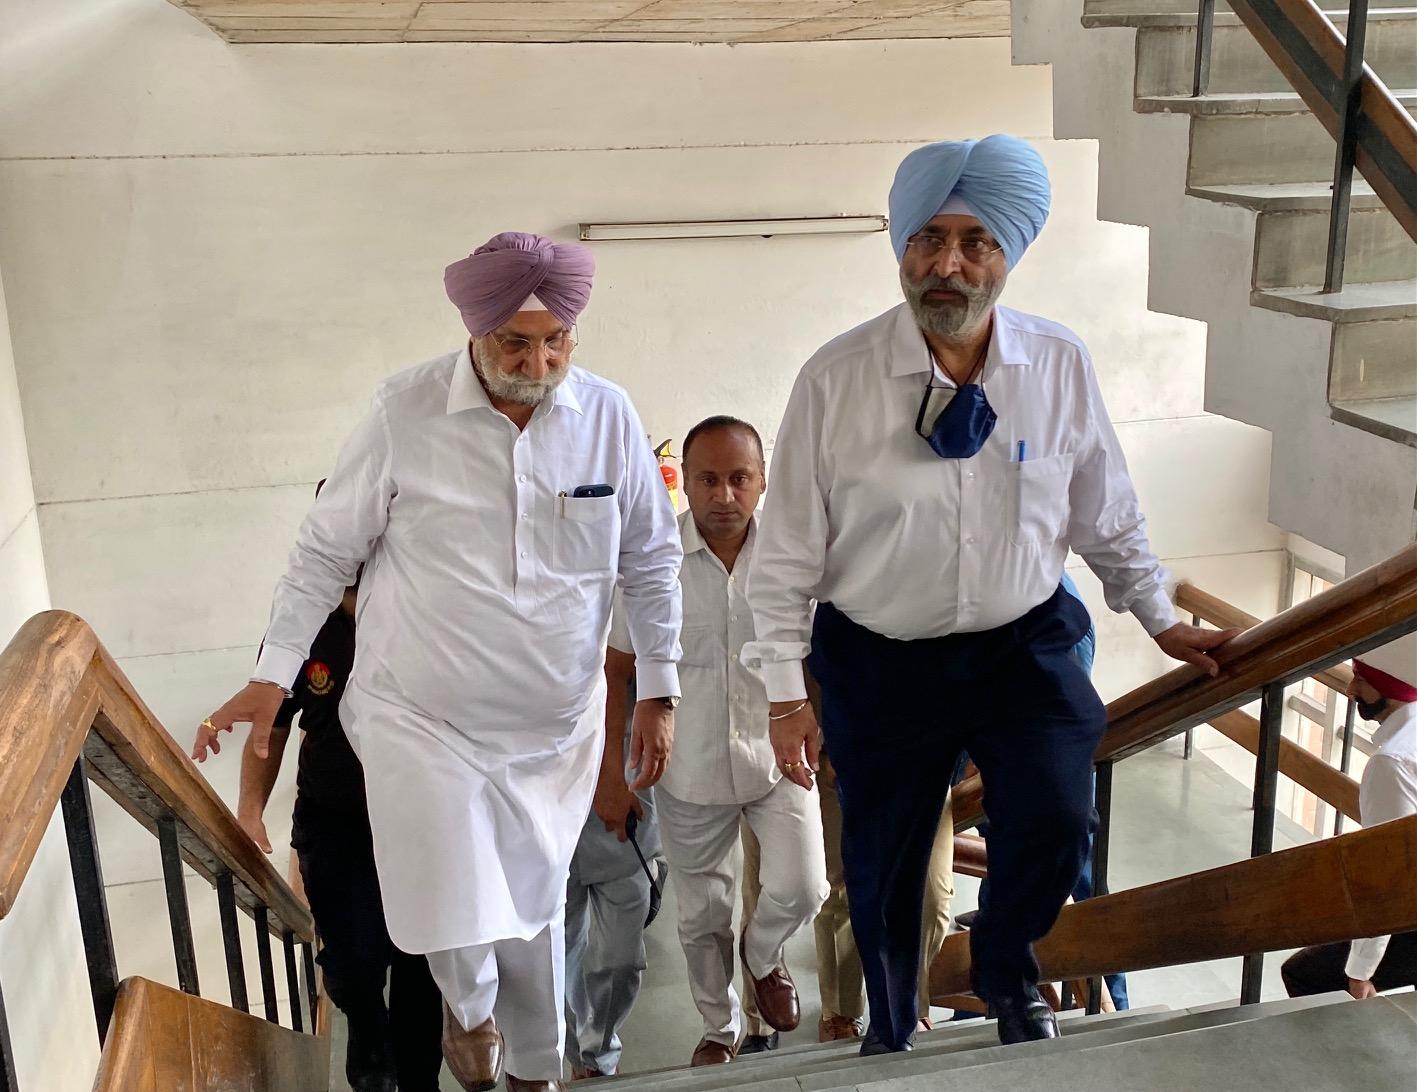 'पंजाब सुरक्षित हाथों में, उप-मुख्यमंत्री रंधावा द्वारा विश्वास प्रकट'